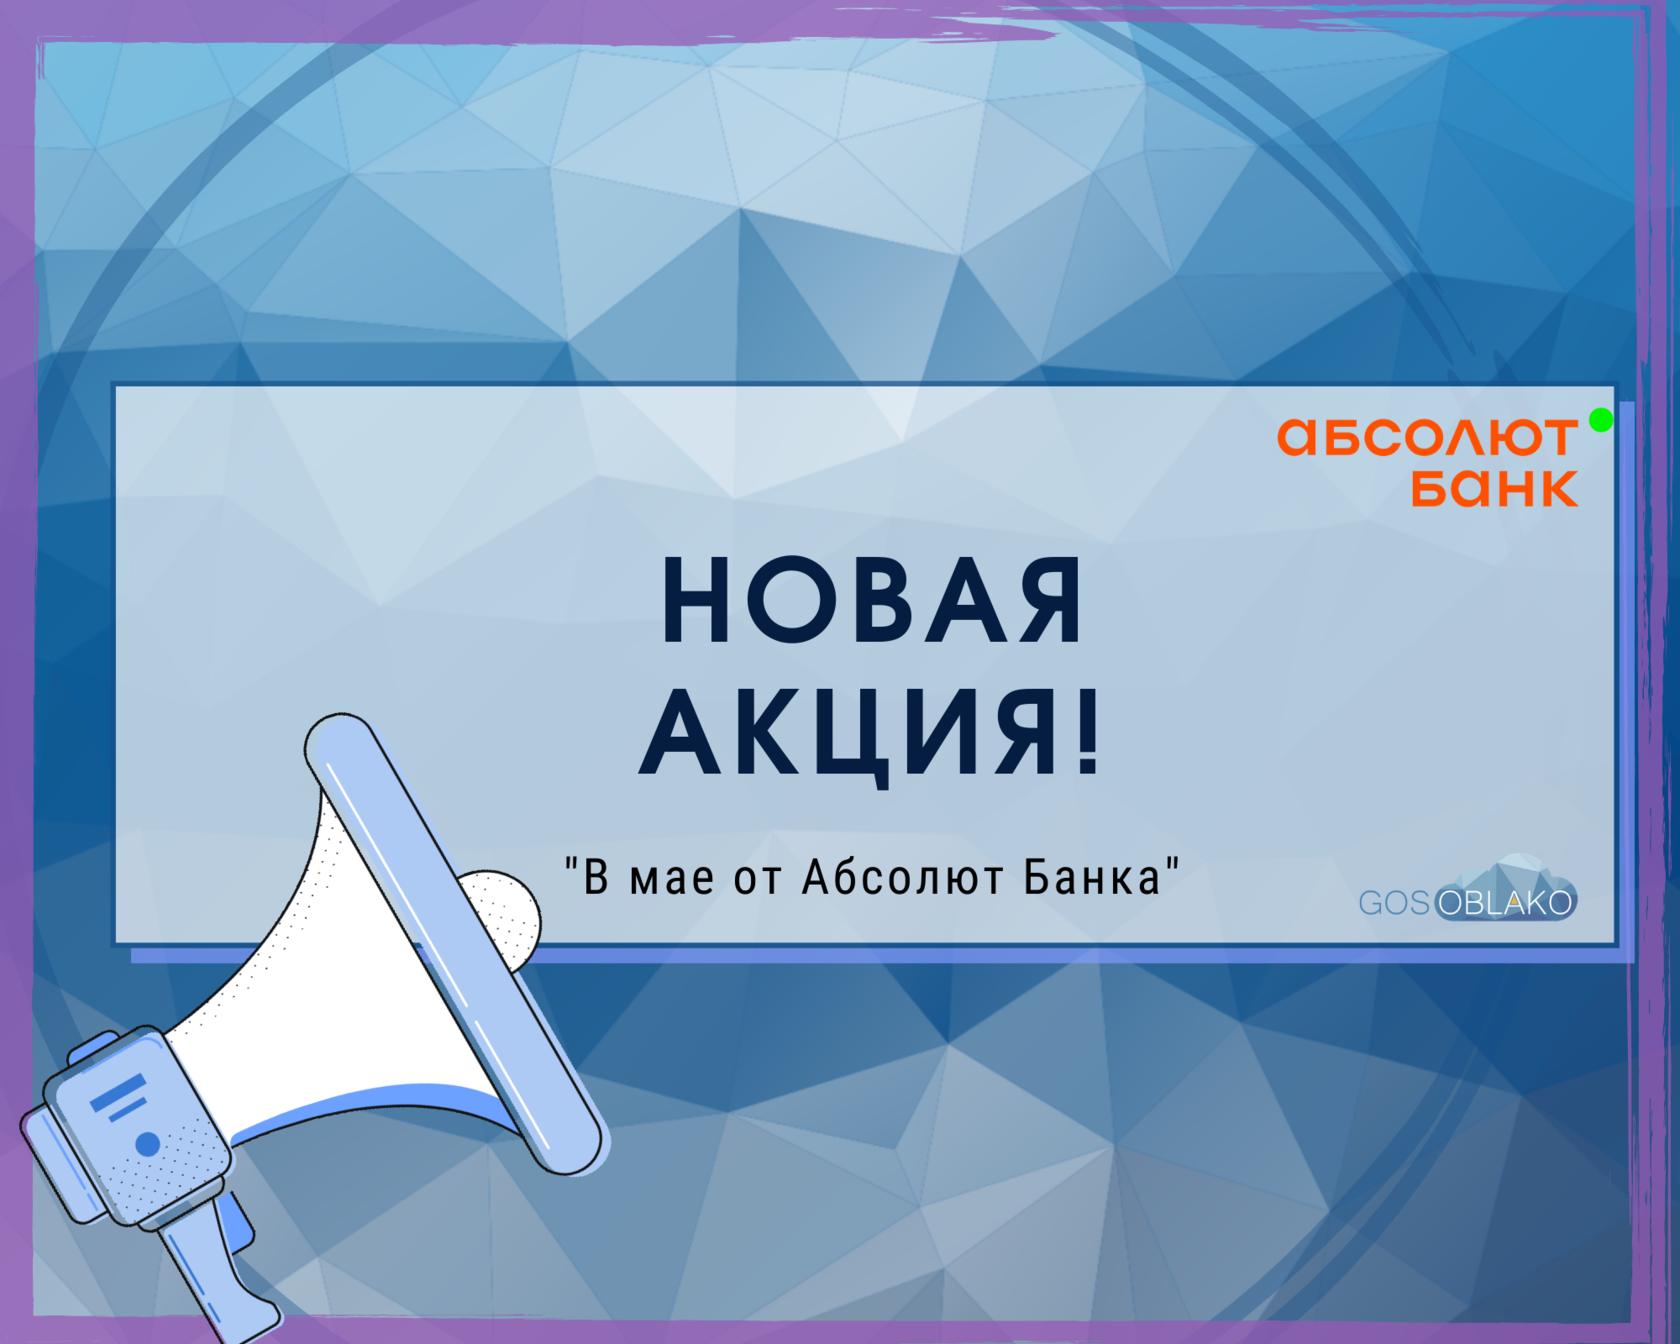 Акция от Абсолют банка